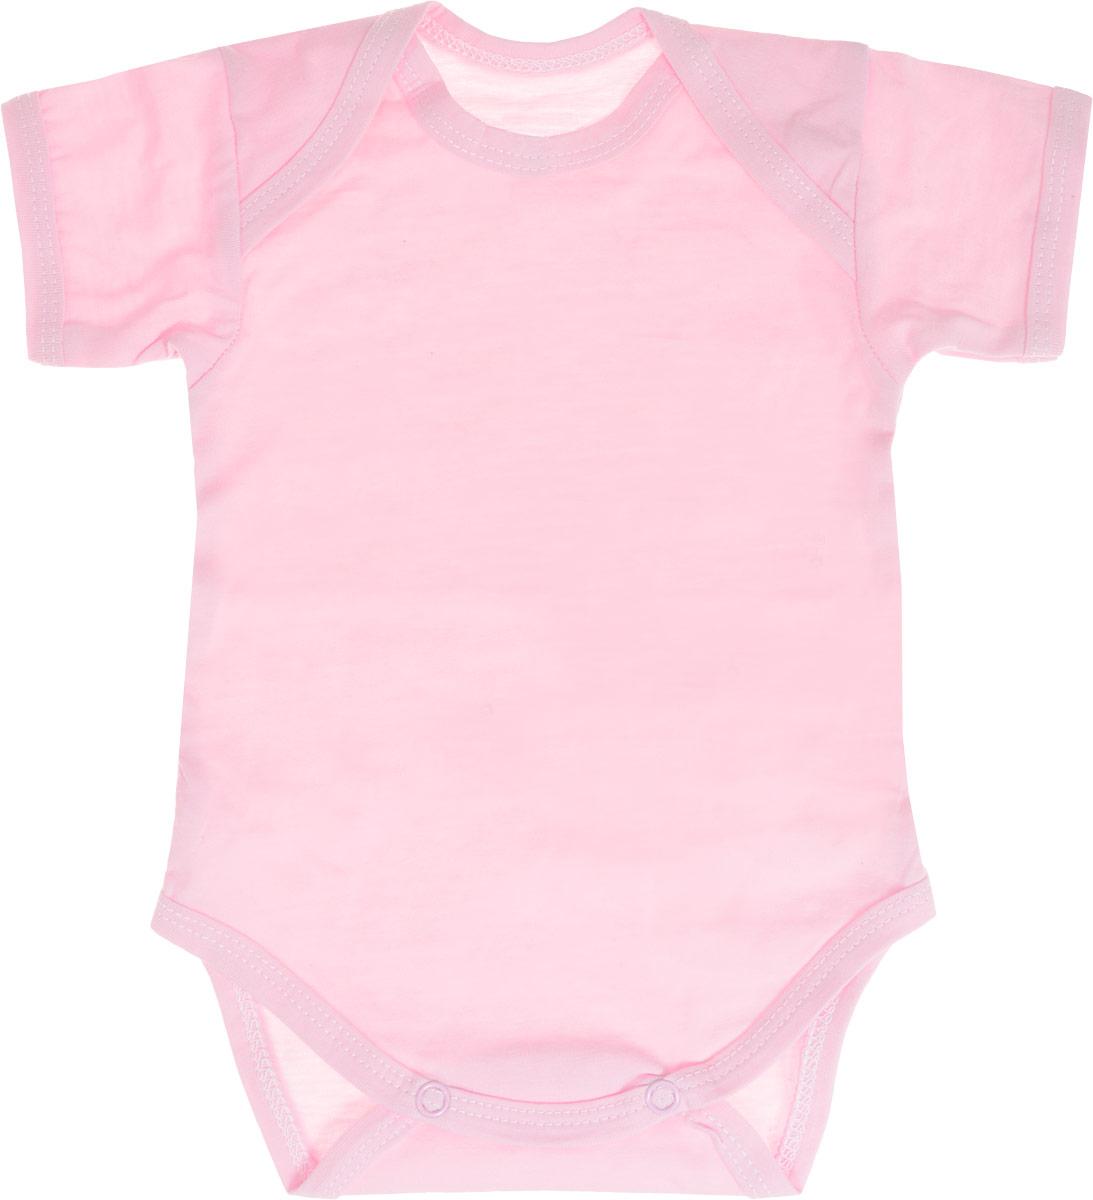 Боди детское Трон-Плюс, цвет: розовый. 5863. Размер 80, 12 месяцев5863Детское боди Трон-плюс с короткими рукавами послужит идеальным дополнением к гардеробу вашего ребенка, обеспечивая ему наибольший комфорт. Боди изготовлено из натурального хлопка, благодаря чему оно необычайно мягкое и легкое, не раздражает нежную кожу ребенка и хорошо вентилируется, а эластичные швы приятны телу младенца и не препятствуют его движениям. Удобные запахи на плечах и кнопки на ластовице помогают легко переодеть младенца или сменить подгузник. Боди полностью соответствует особенностям жизни ребенка в ранний период, не стесняя и не ограничивая его в движениях. В нем ваш ребенок всегда будет в центре внимания.